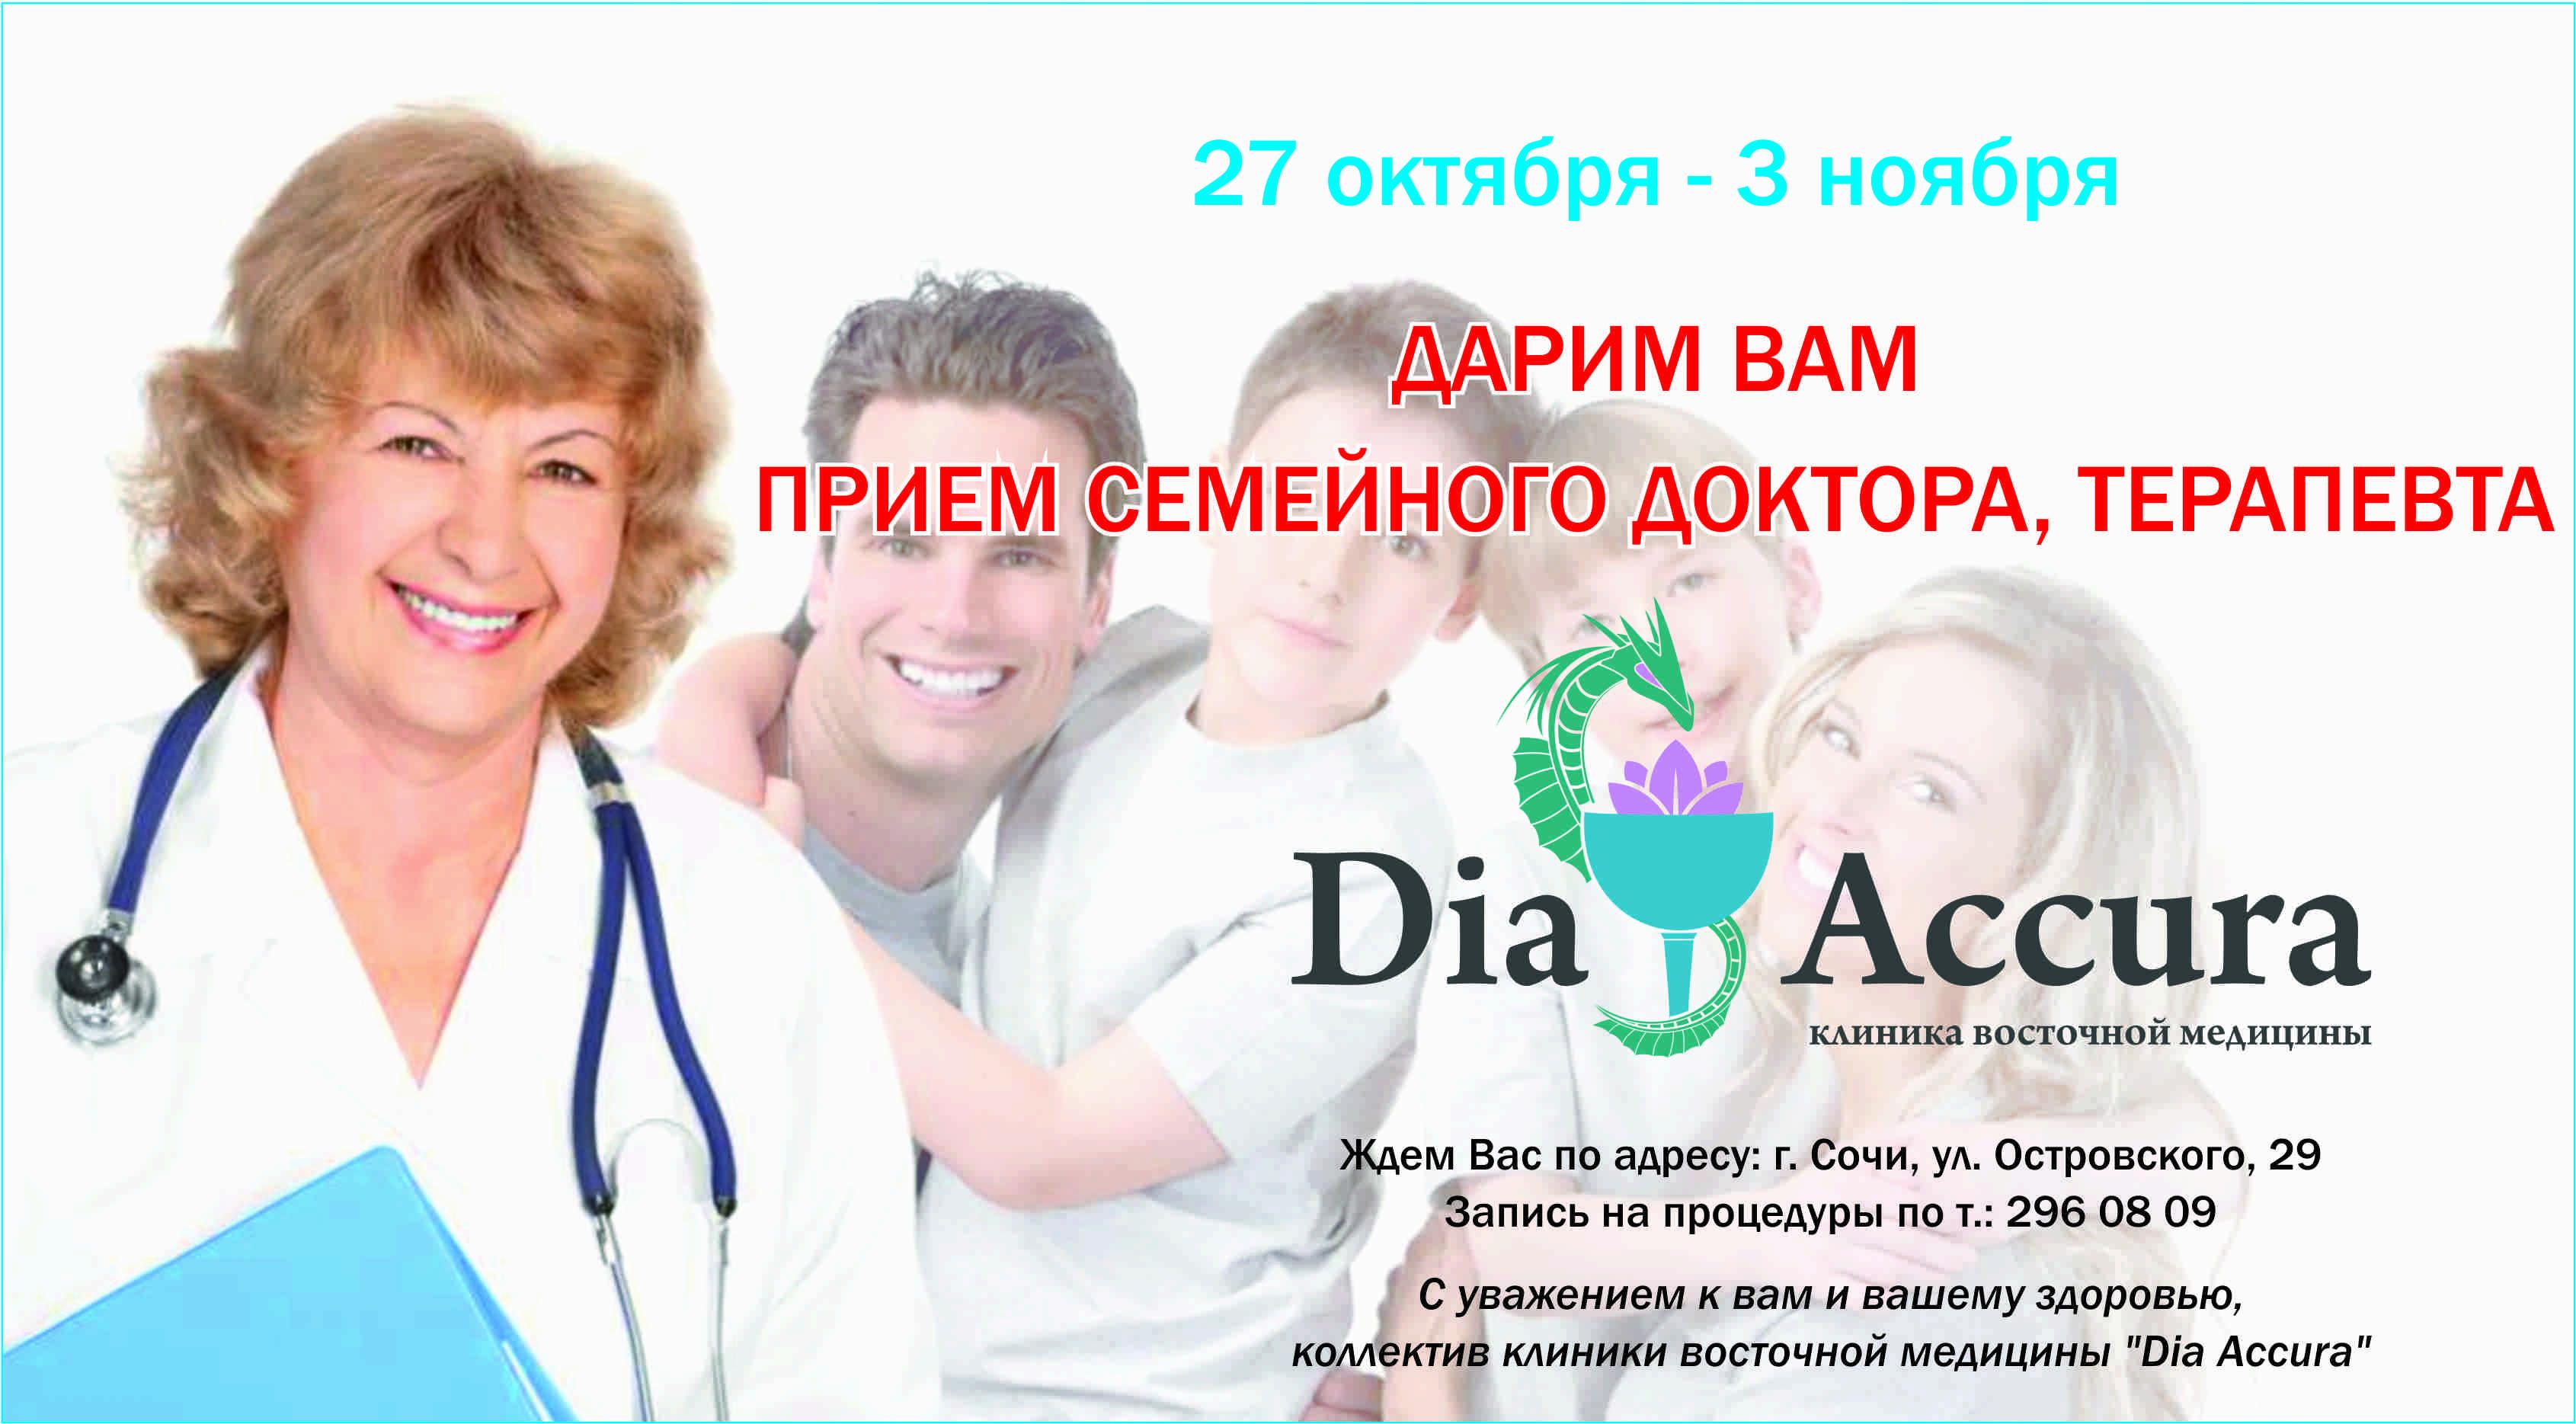 Семейный доктор монологи о здоровье 6 фотография